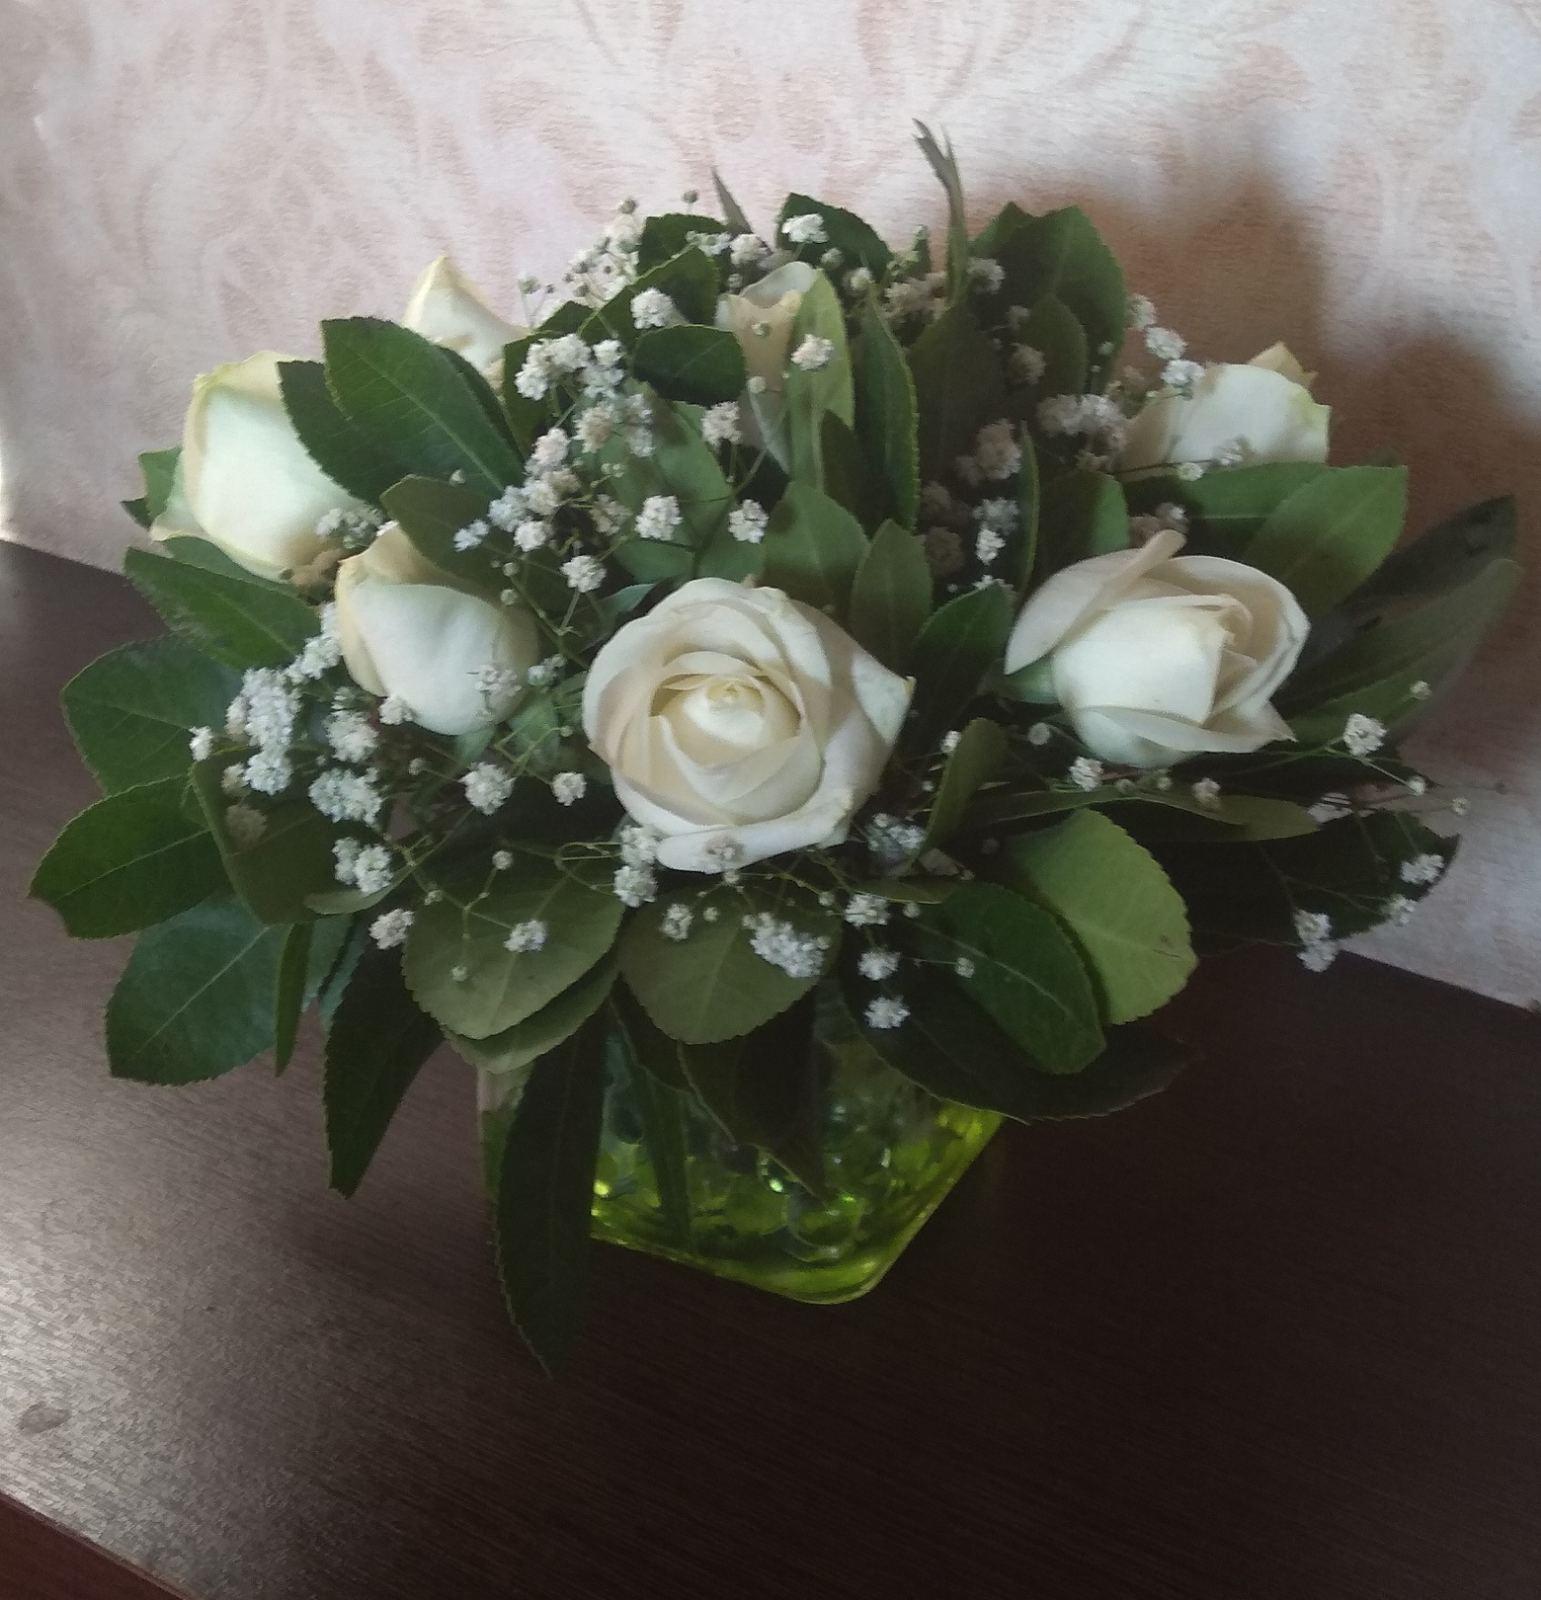 Σύνθεση λουλουδιών σε τετράγωνο διάφανο κύβο και μπιλάκια-paterakis-apostoles louloudion-stolismoi gamon